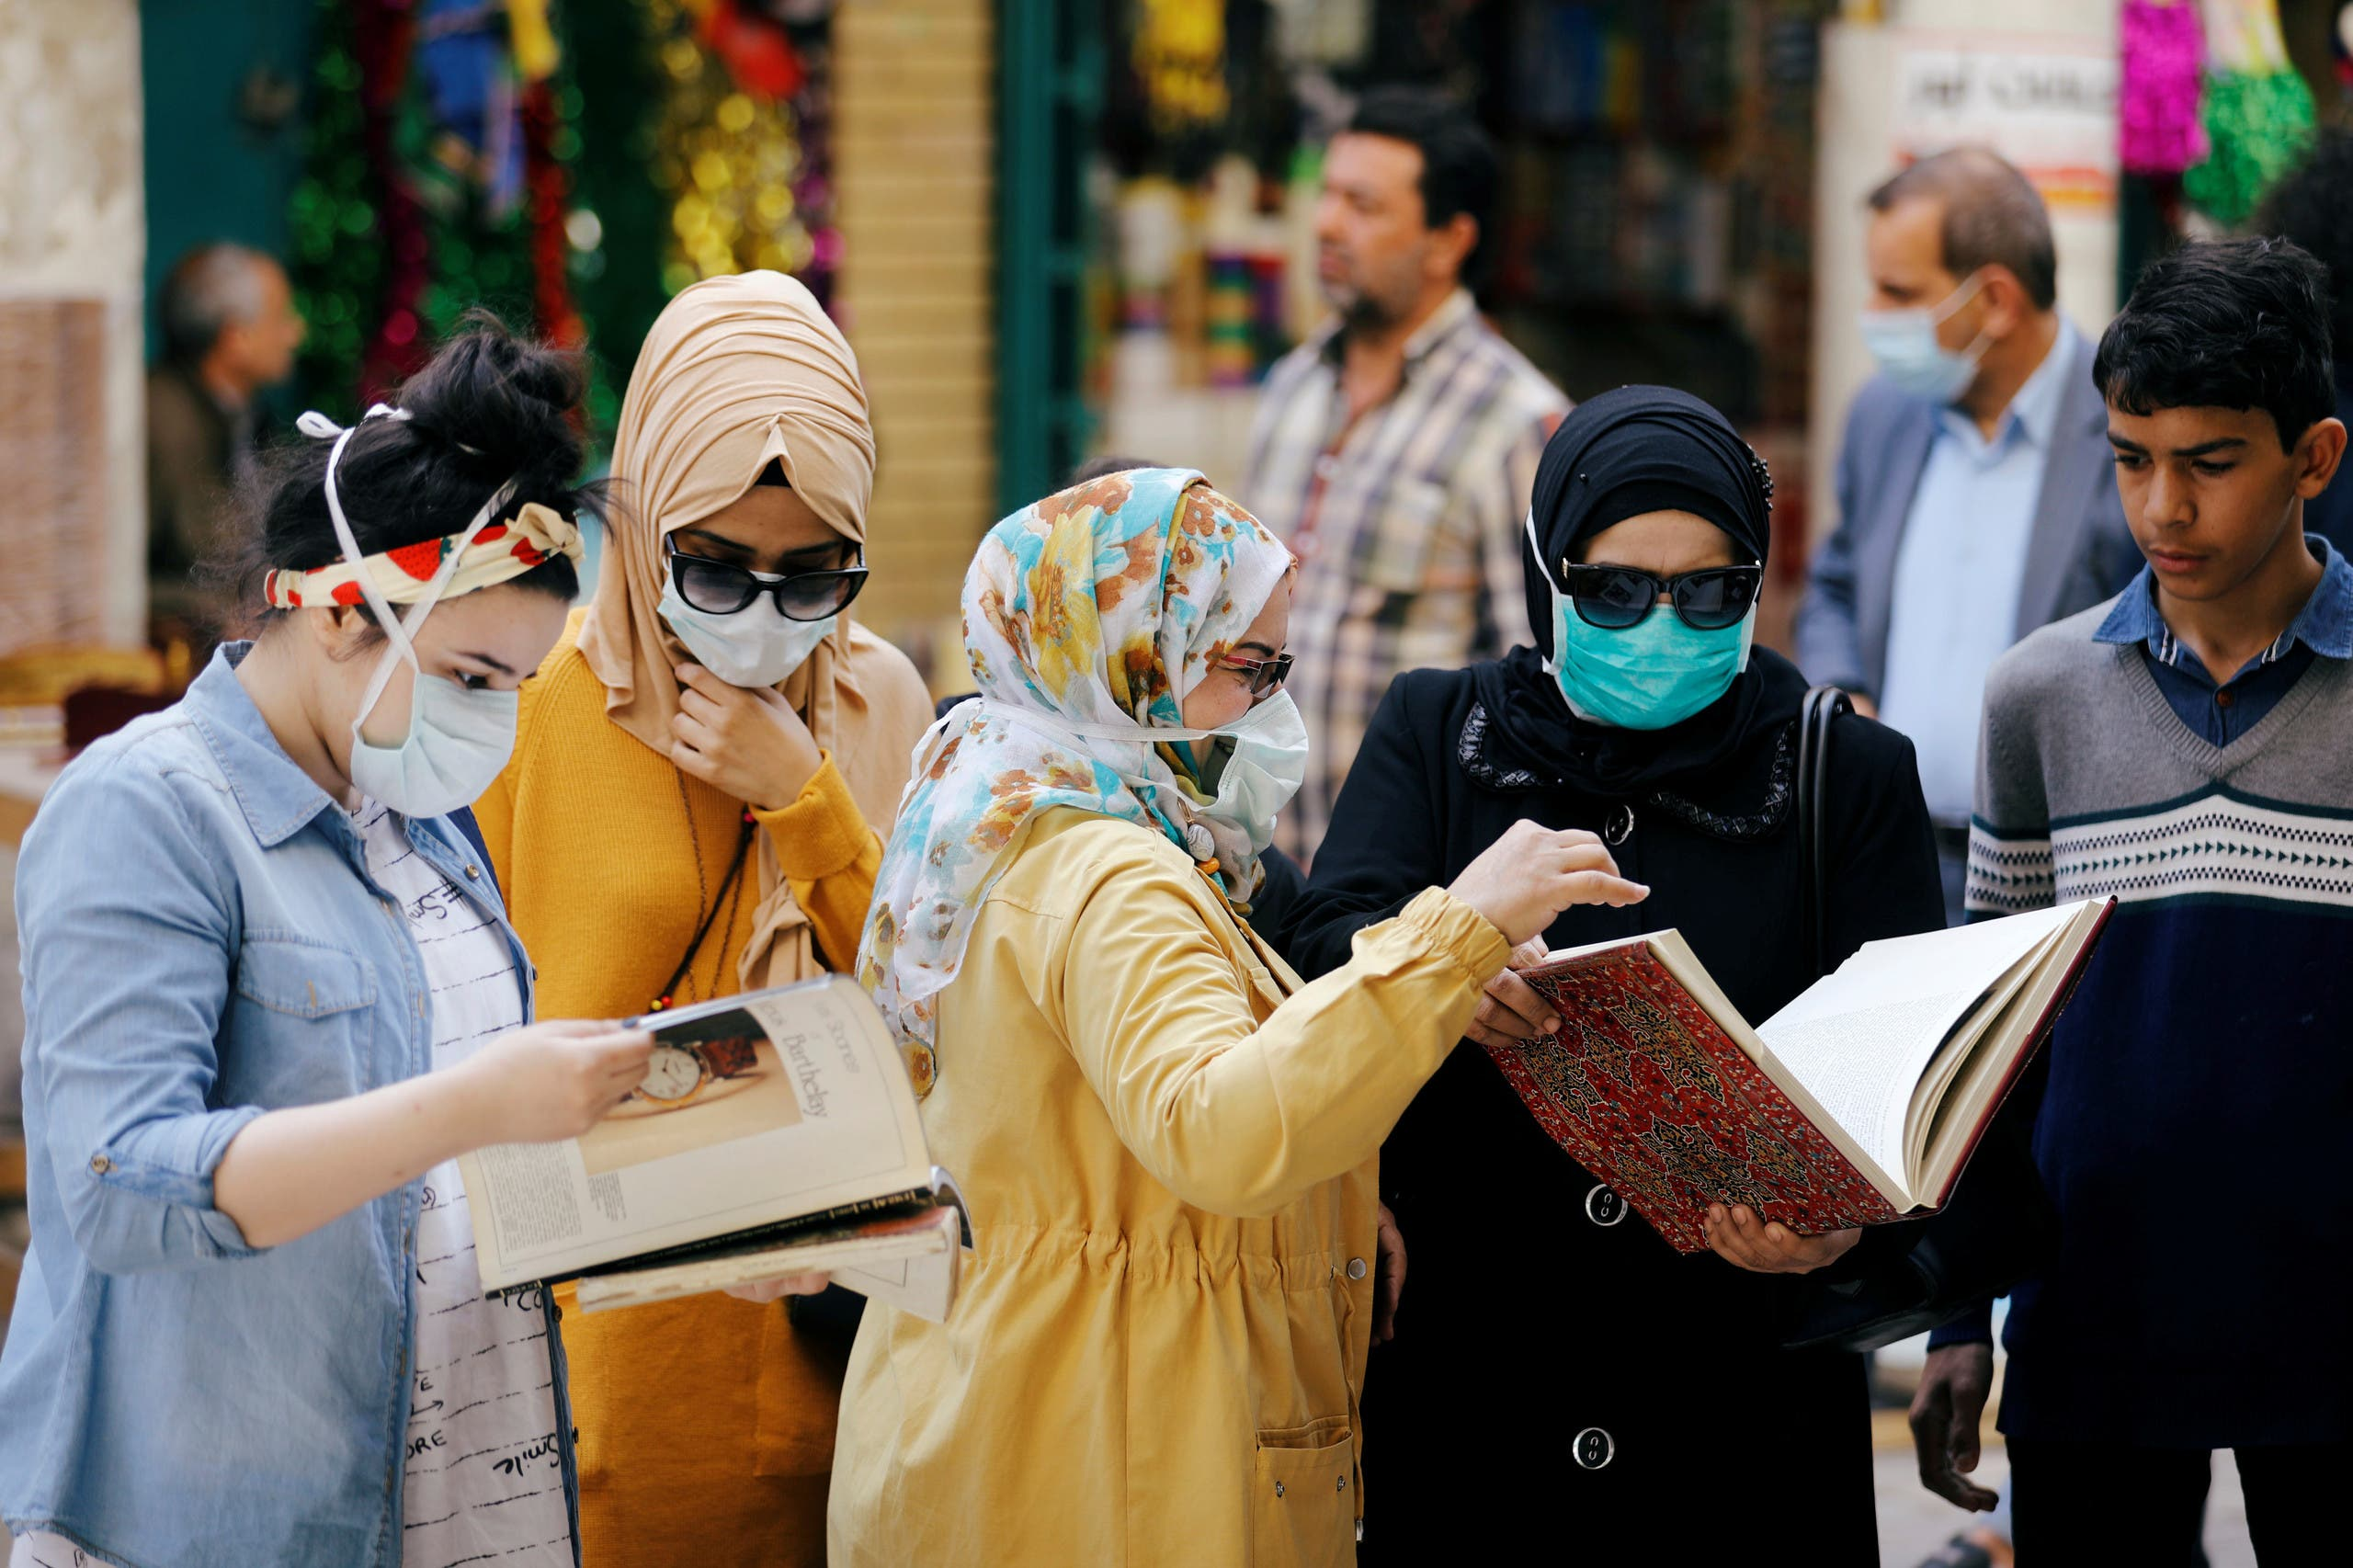 عراقيات يرتدين كمامات خلال تصفحهن كتباً في أحد أسواق بغداد